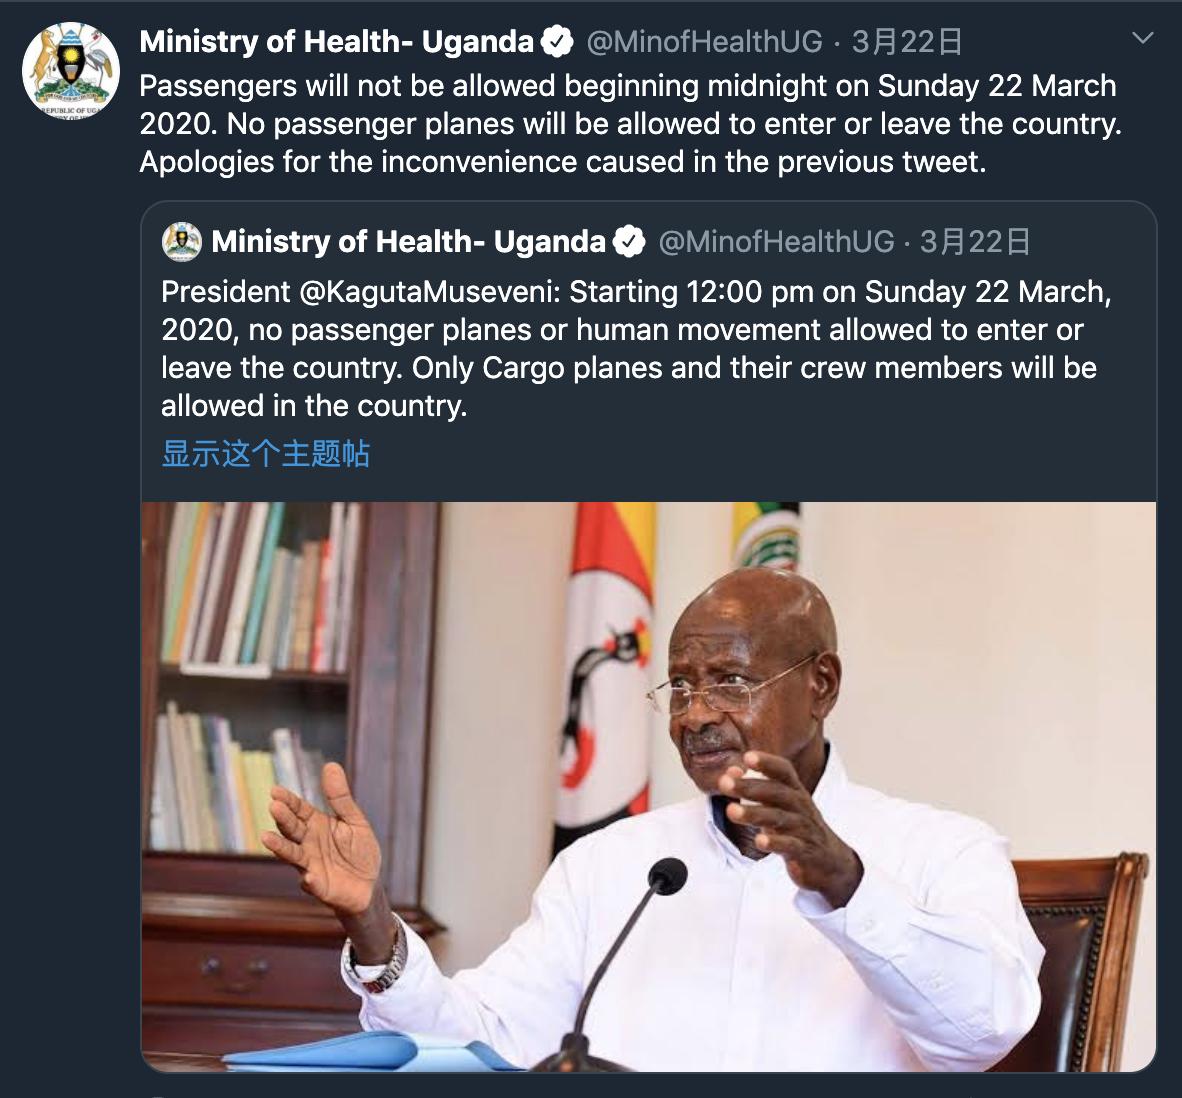 非洲疫线|乌干达闭关前24小时,我赶上最后的航班